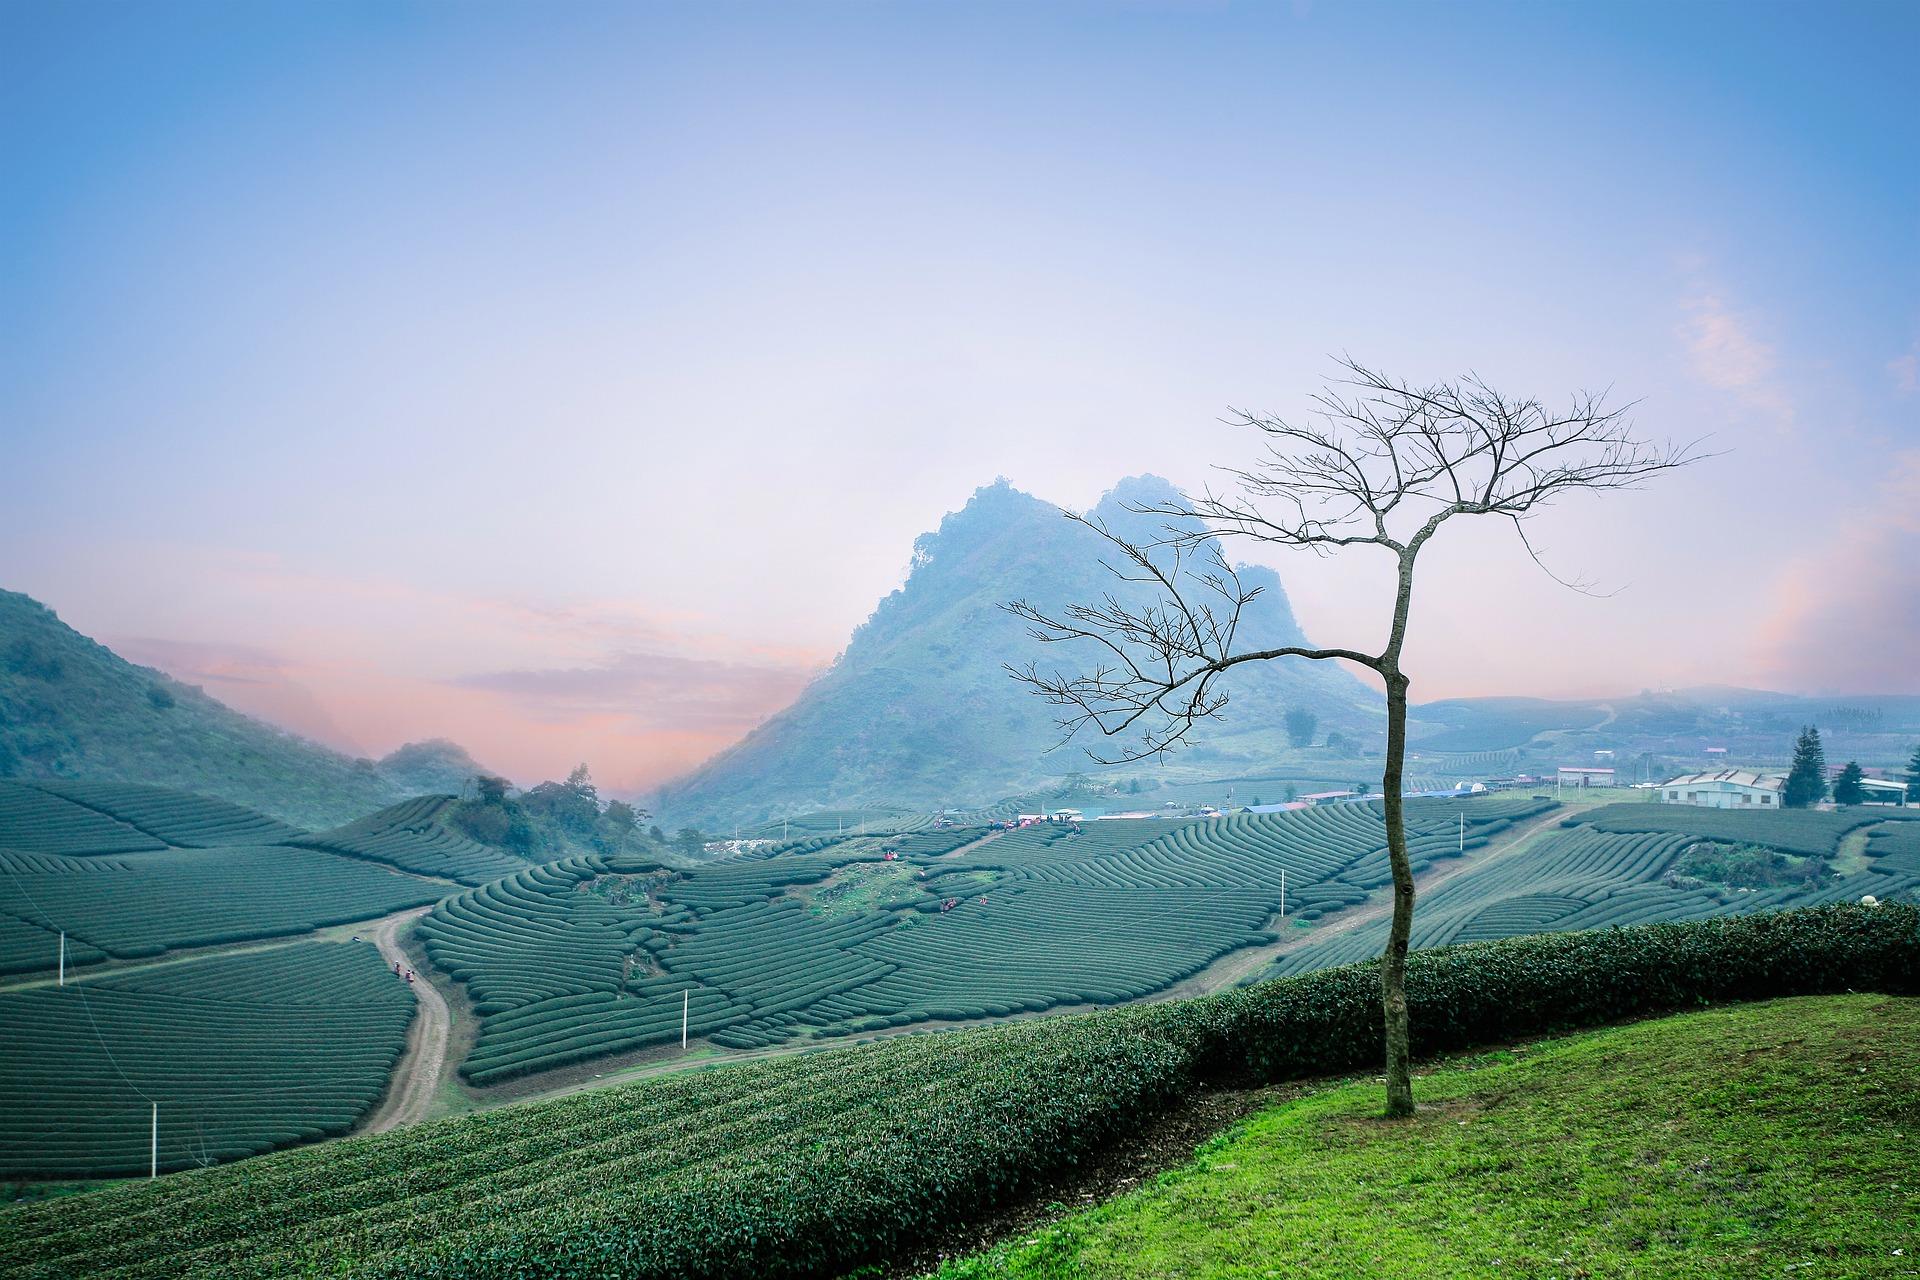 「カバラ生命の木を学ぶ~依存症とそれからの回復」の講座が大盛況でした